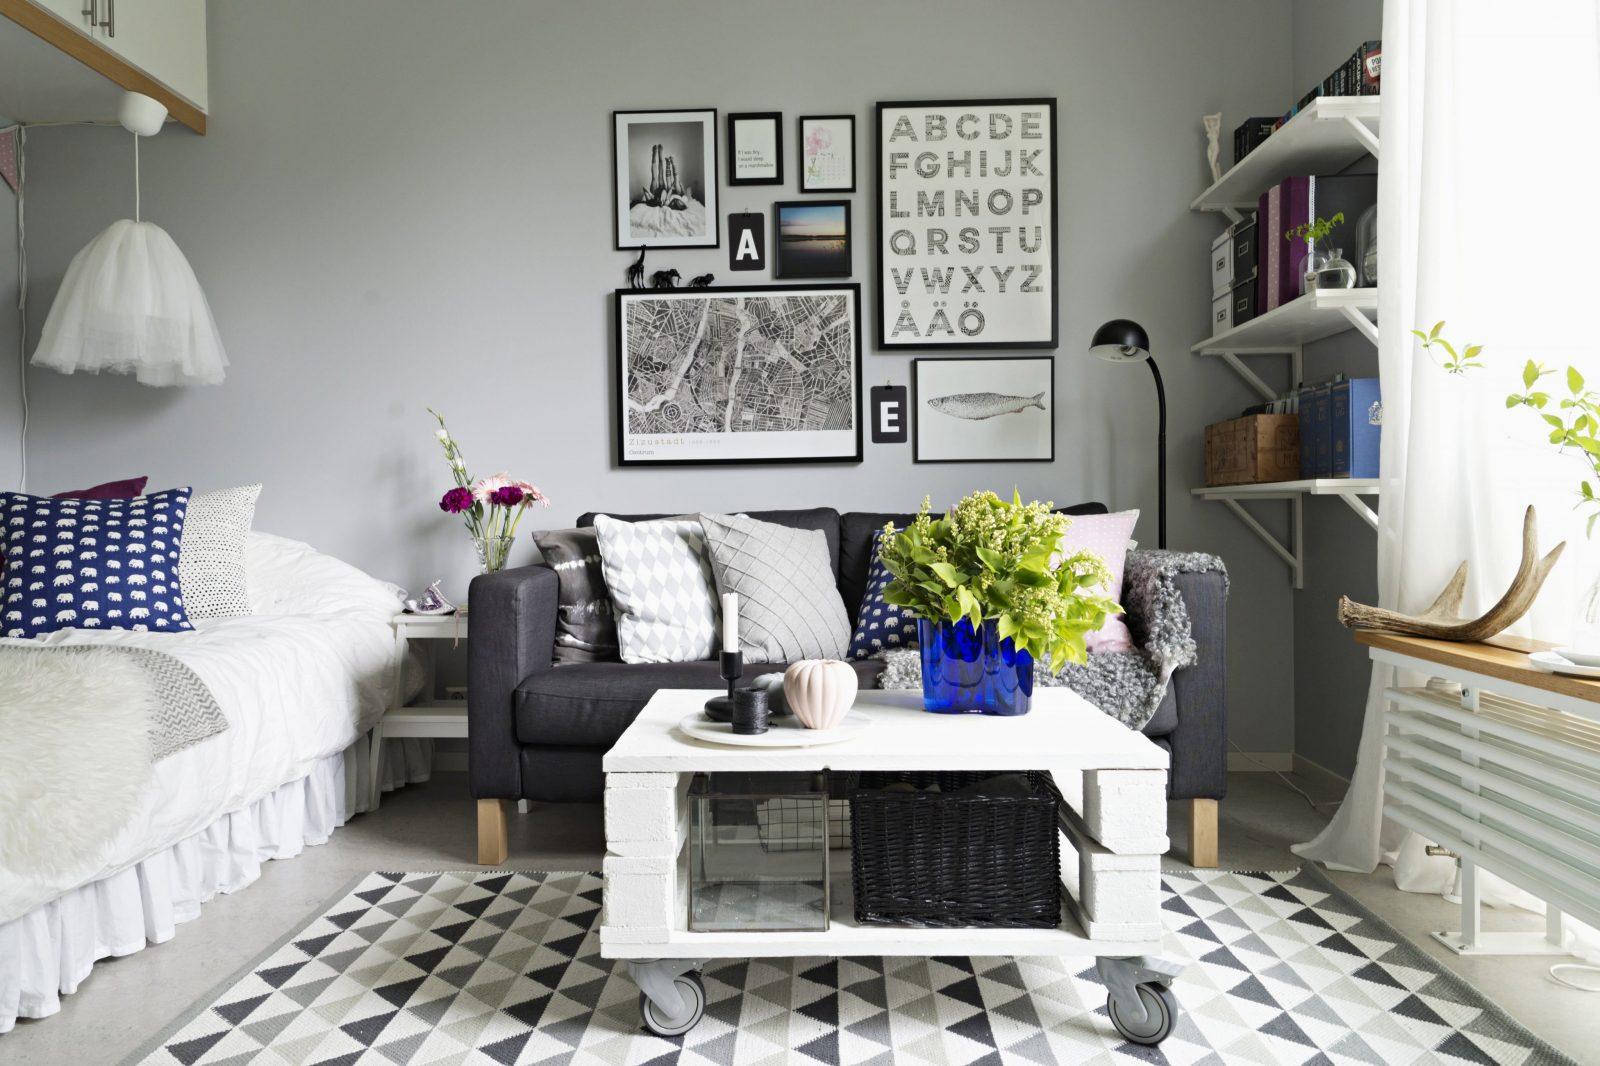 55 Tipps Für Kleine Räume – Westwing Magazin von Kleine Wohnung Einrichten Tipps Bild